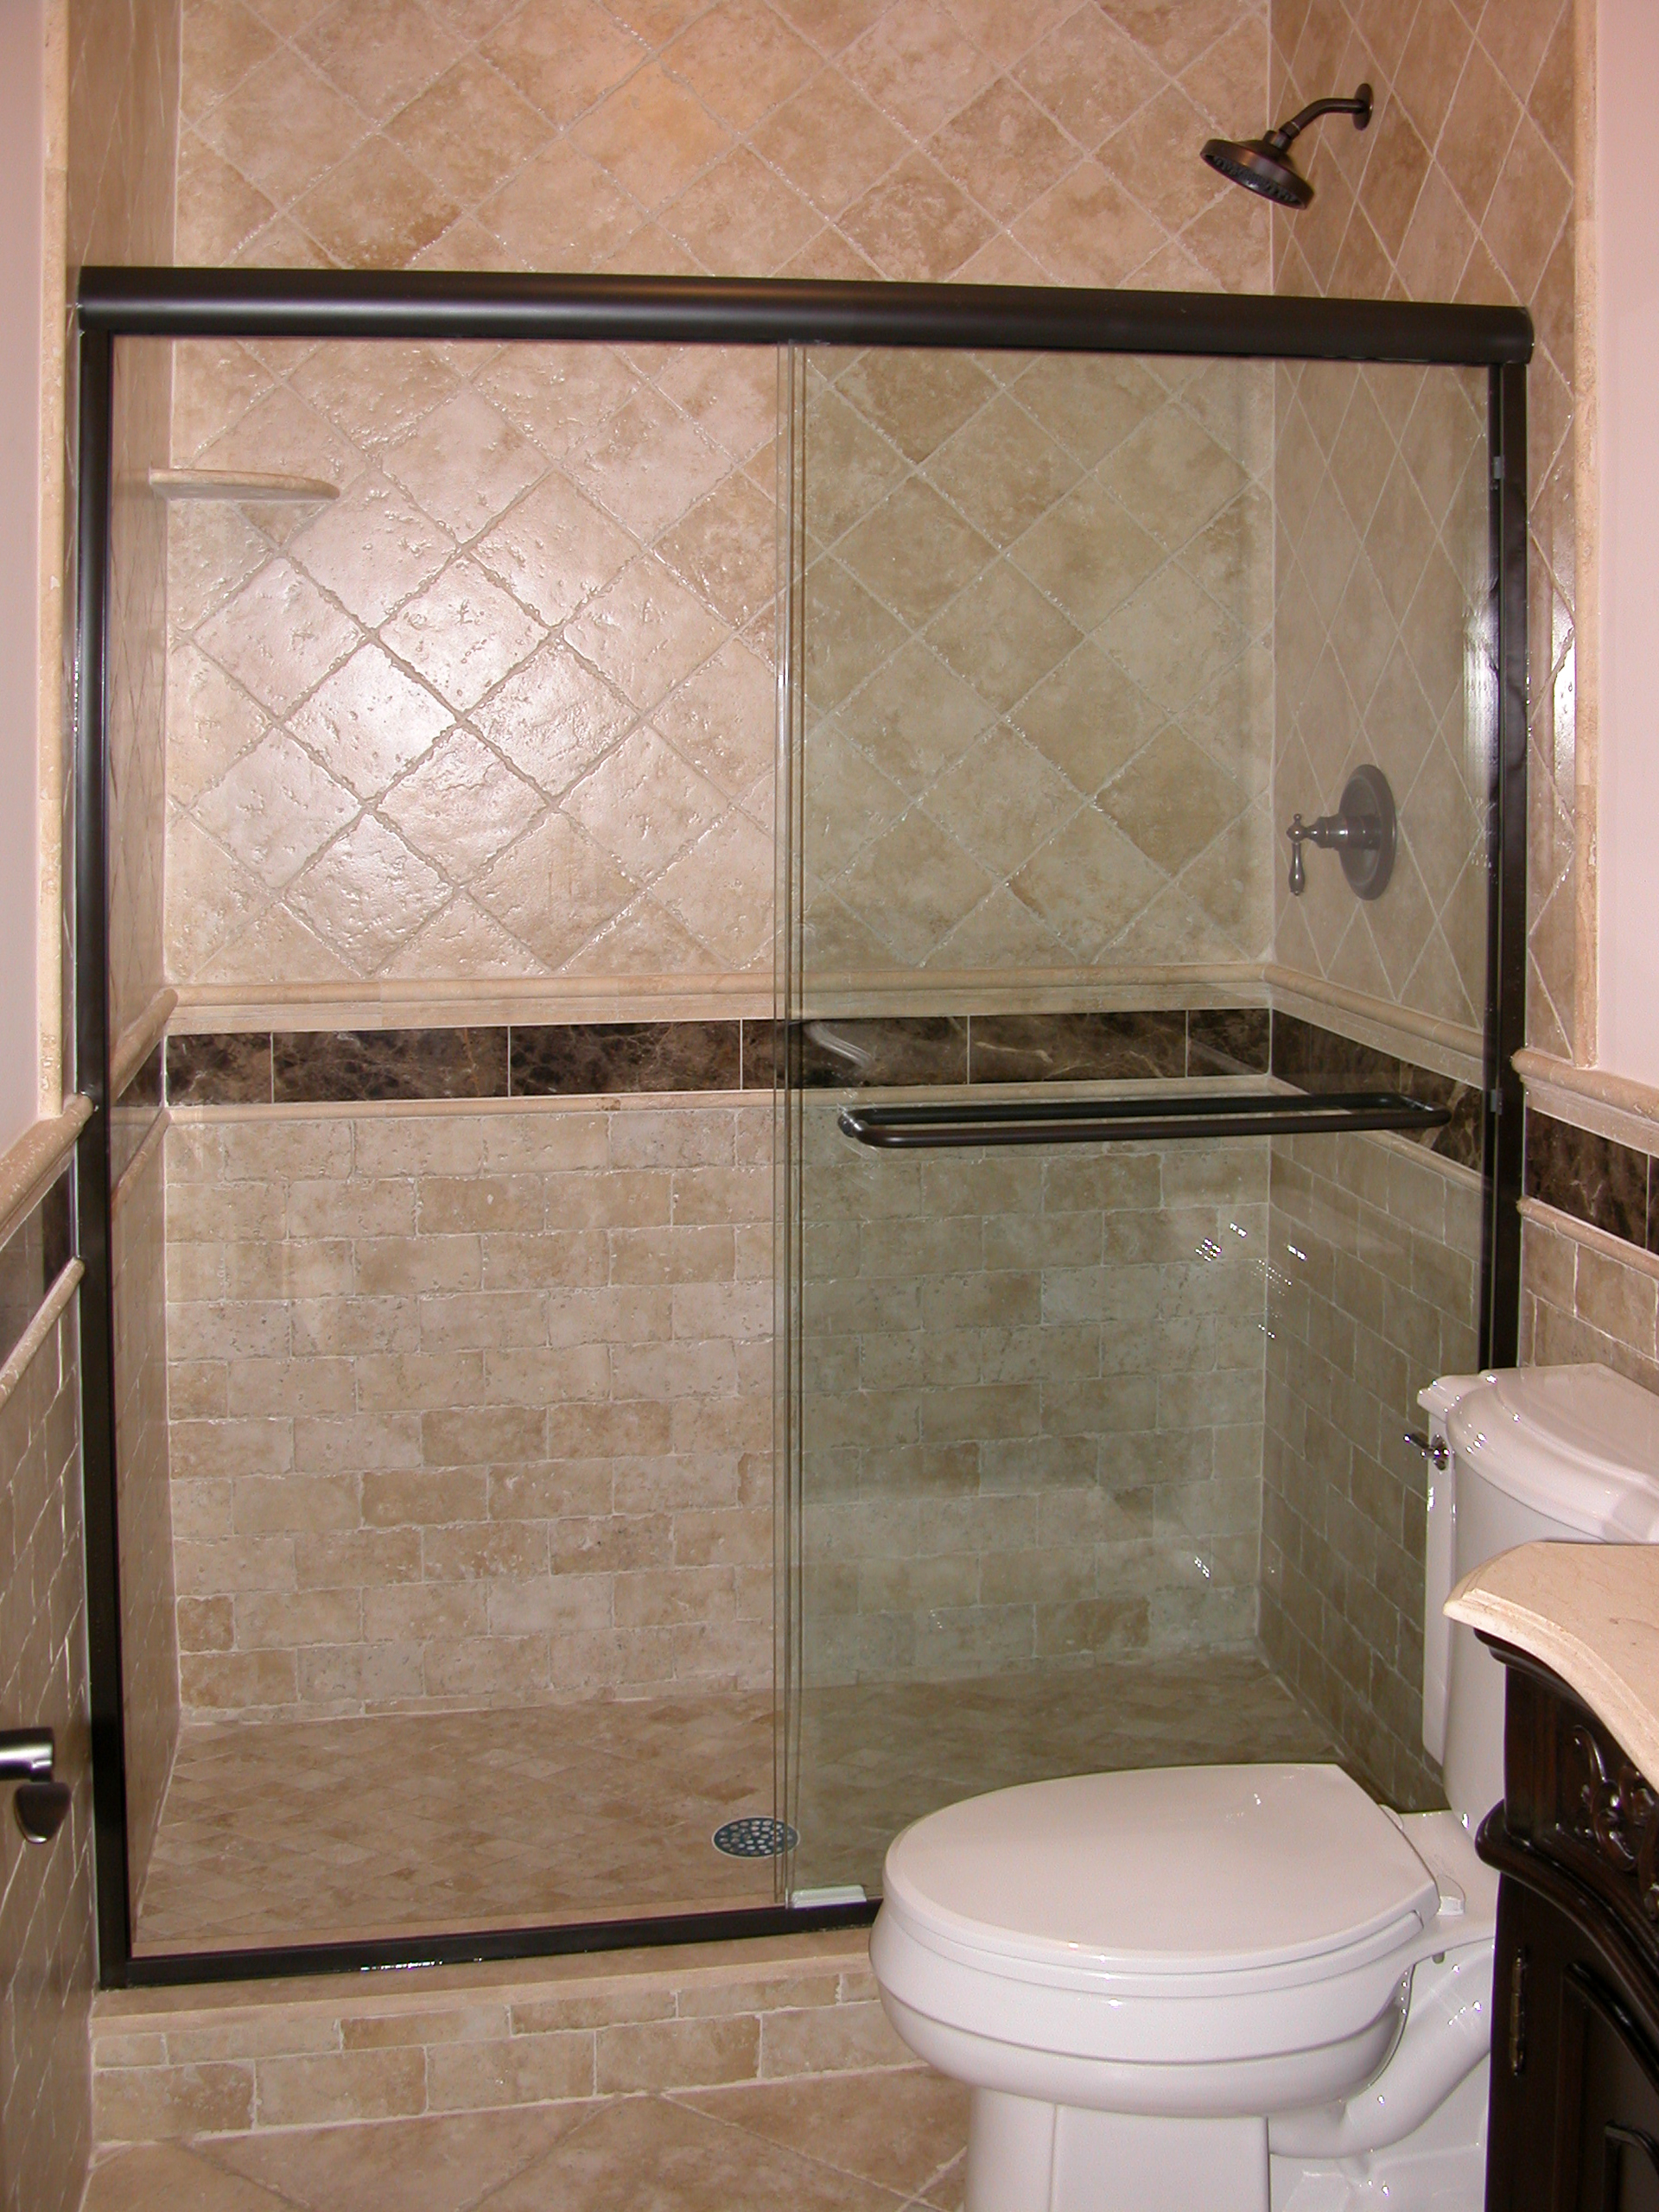 11 - Sliding shower door